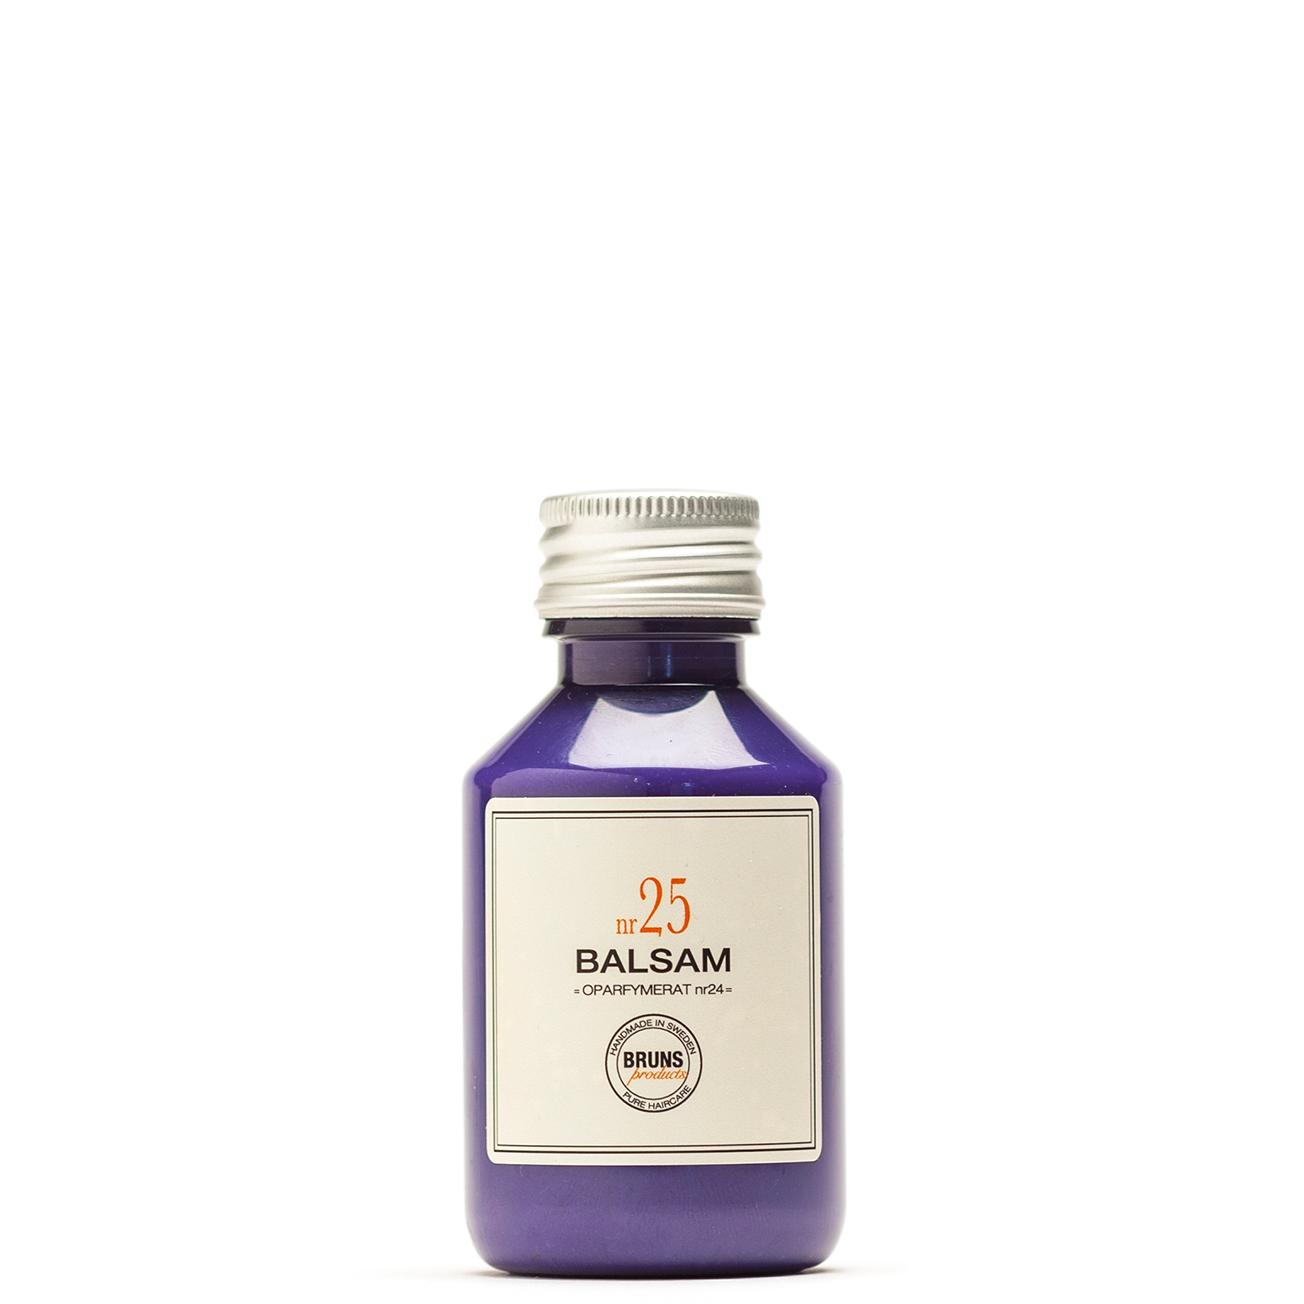 Bruns Products Balsam 25 Blonde Beauty 100ml Doftfritt - Silverbalsam för blonda & gråa hår